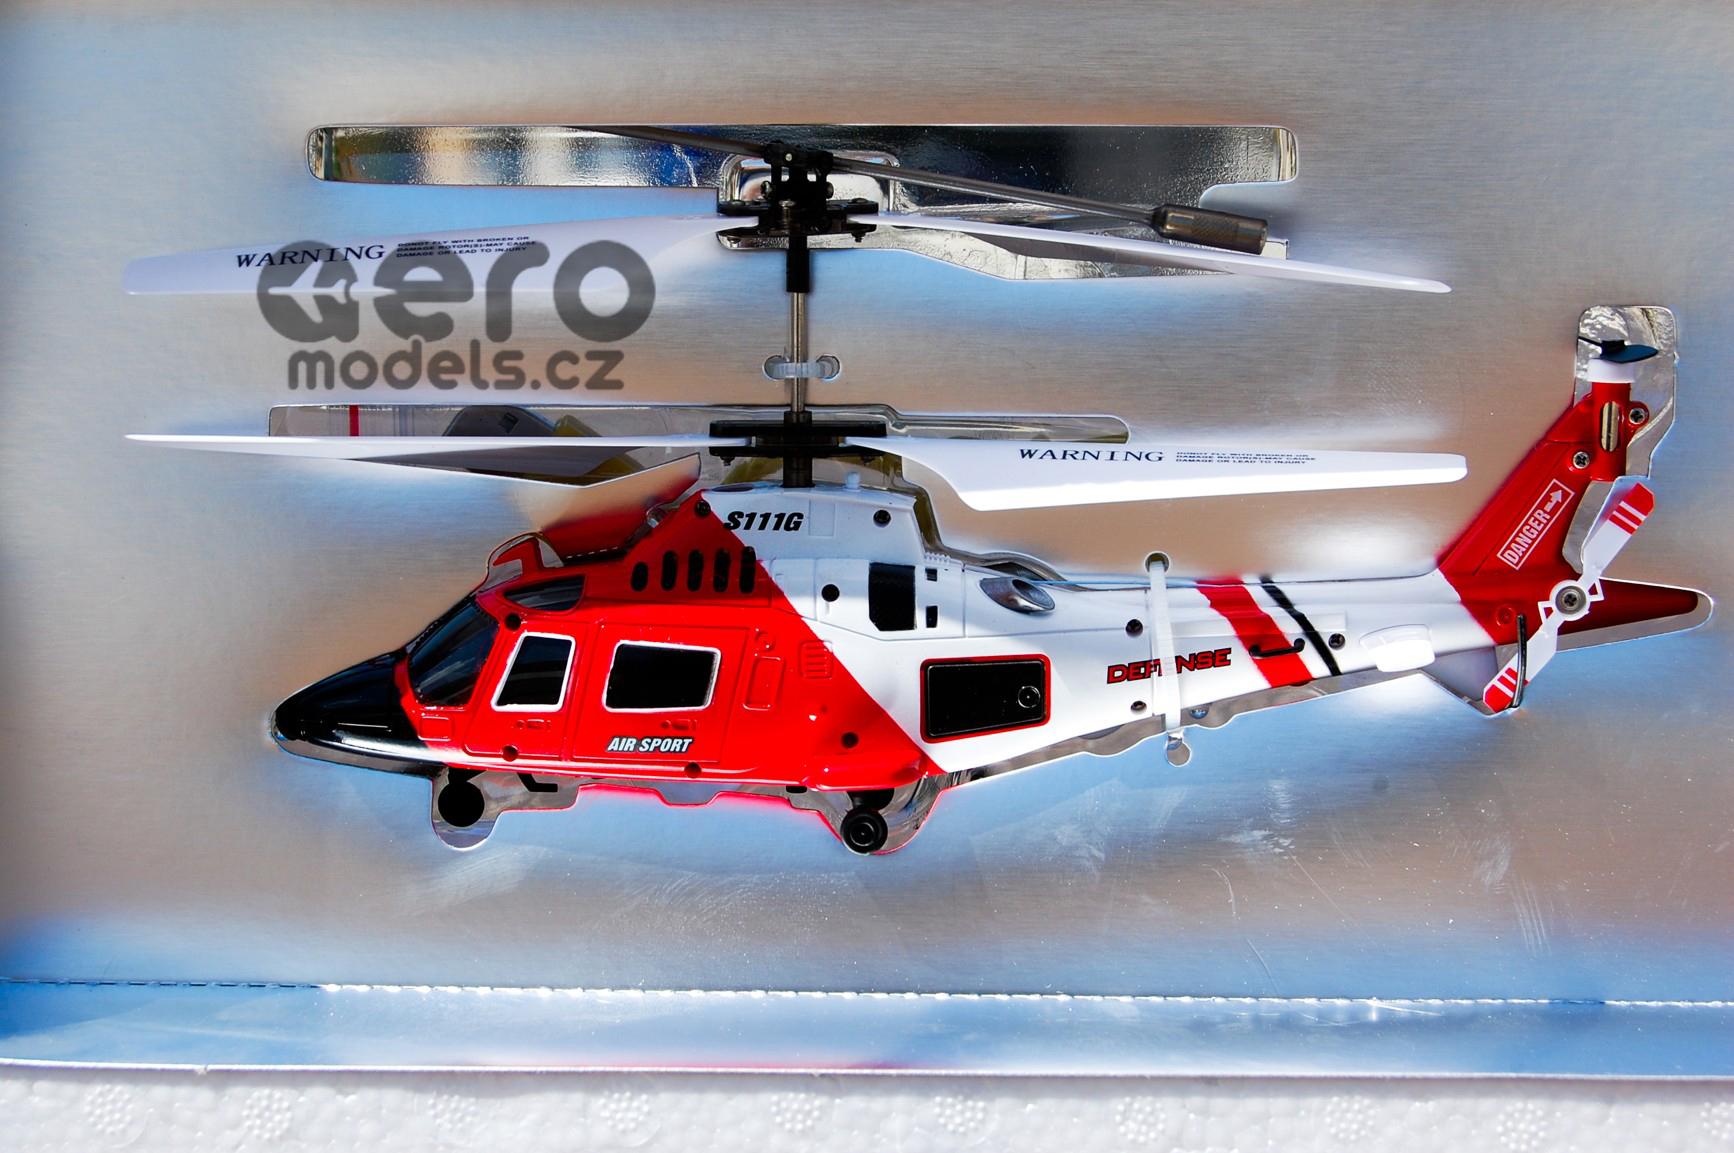 Rc vrtulník Syma S111G